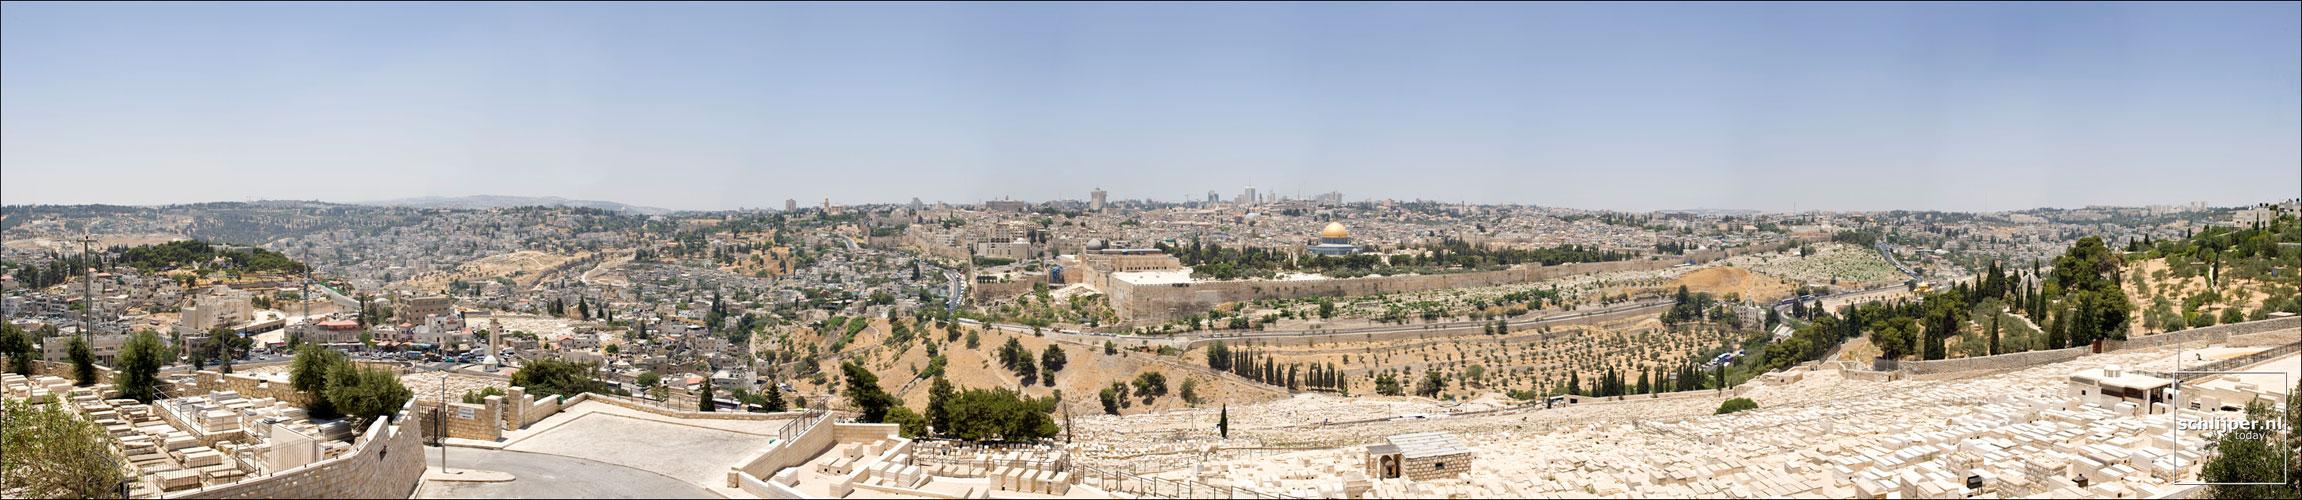 Israel, Jeruzalem, 18 juni 2008